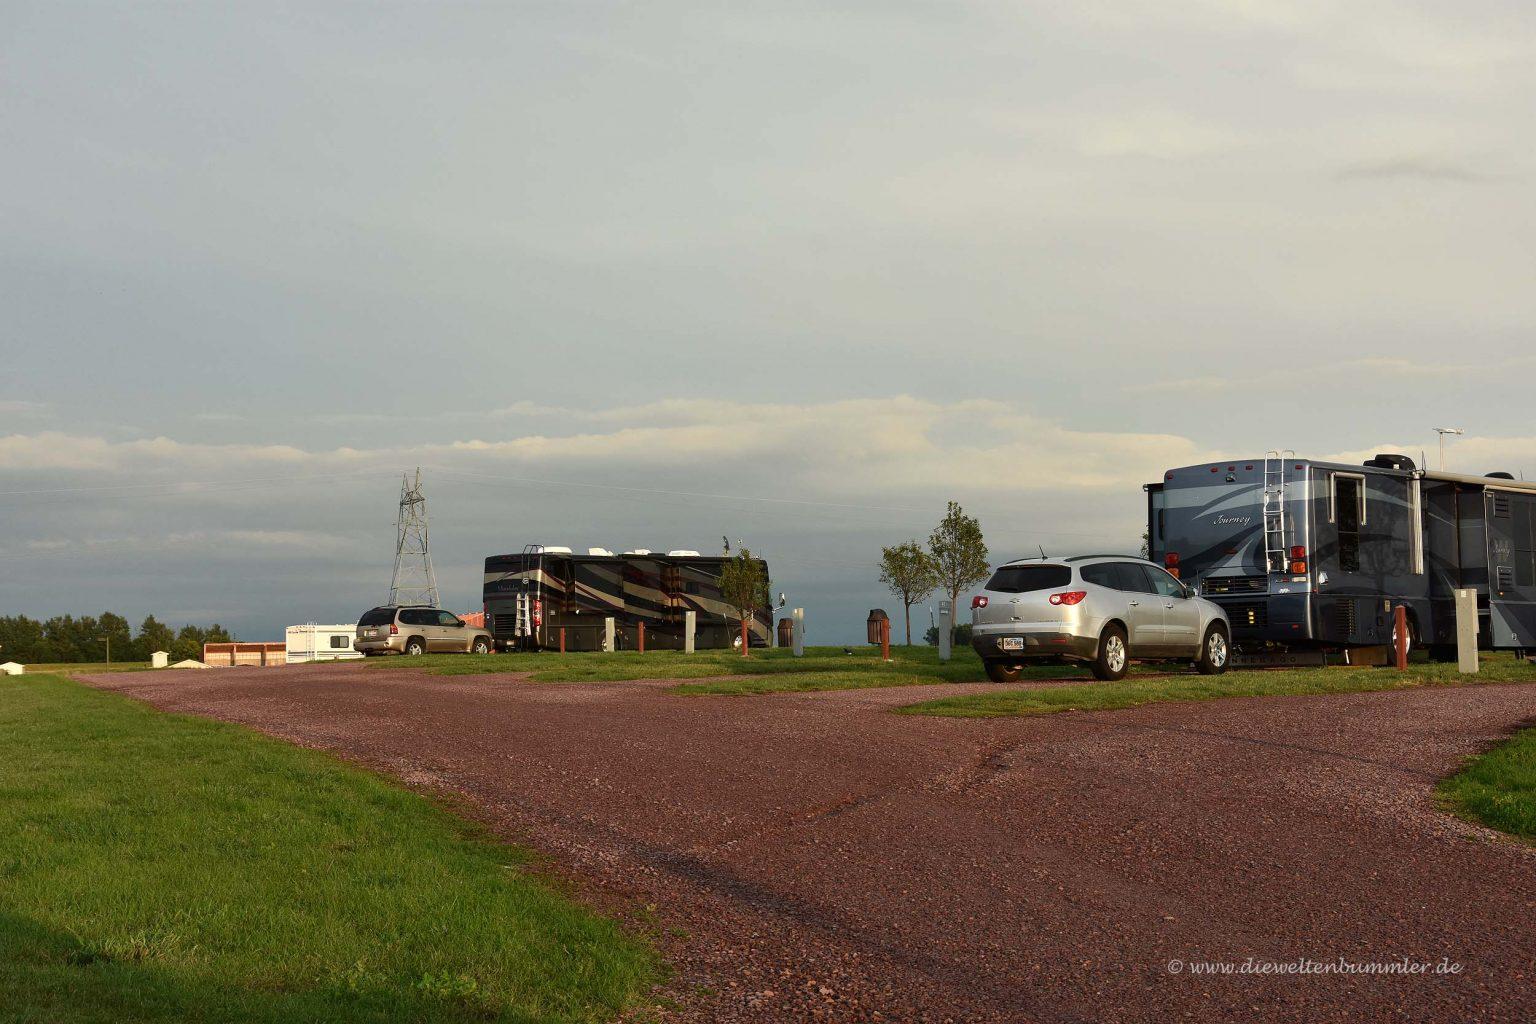 Wohnmobilstellplatz in South Dakota